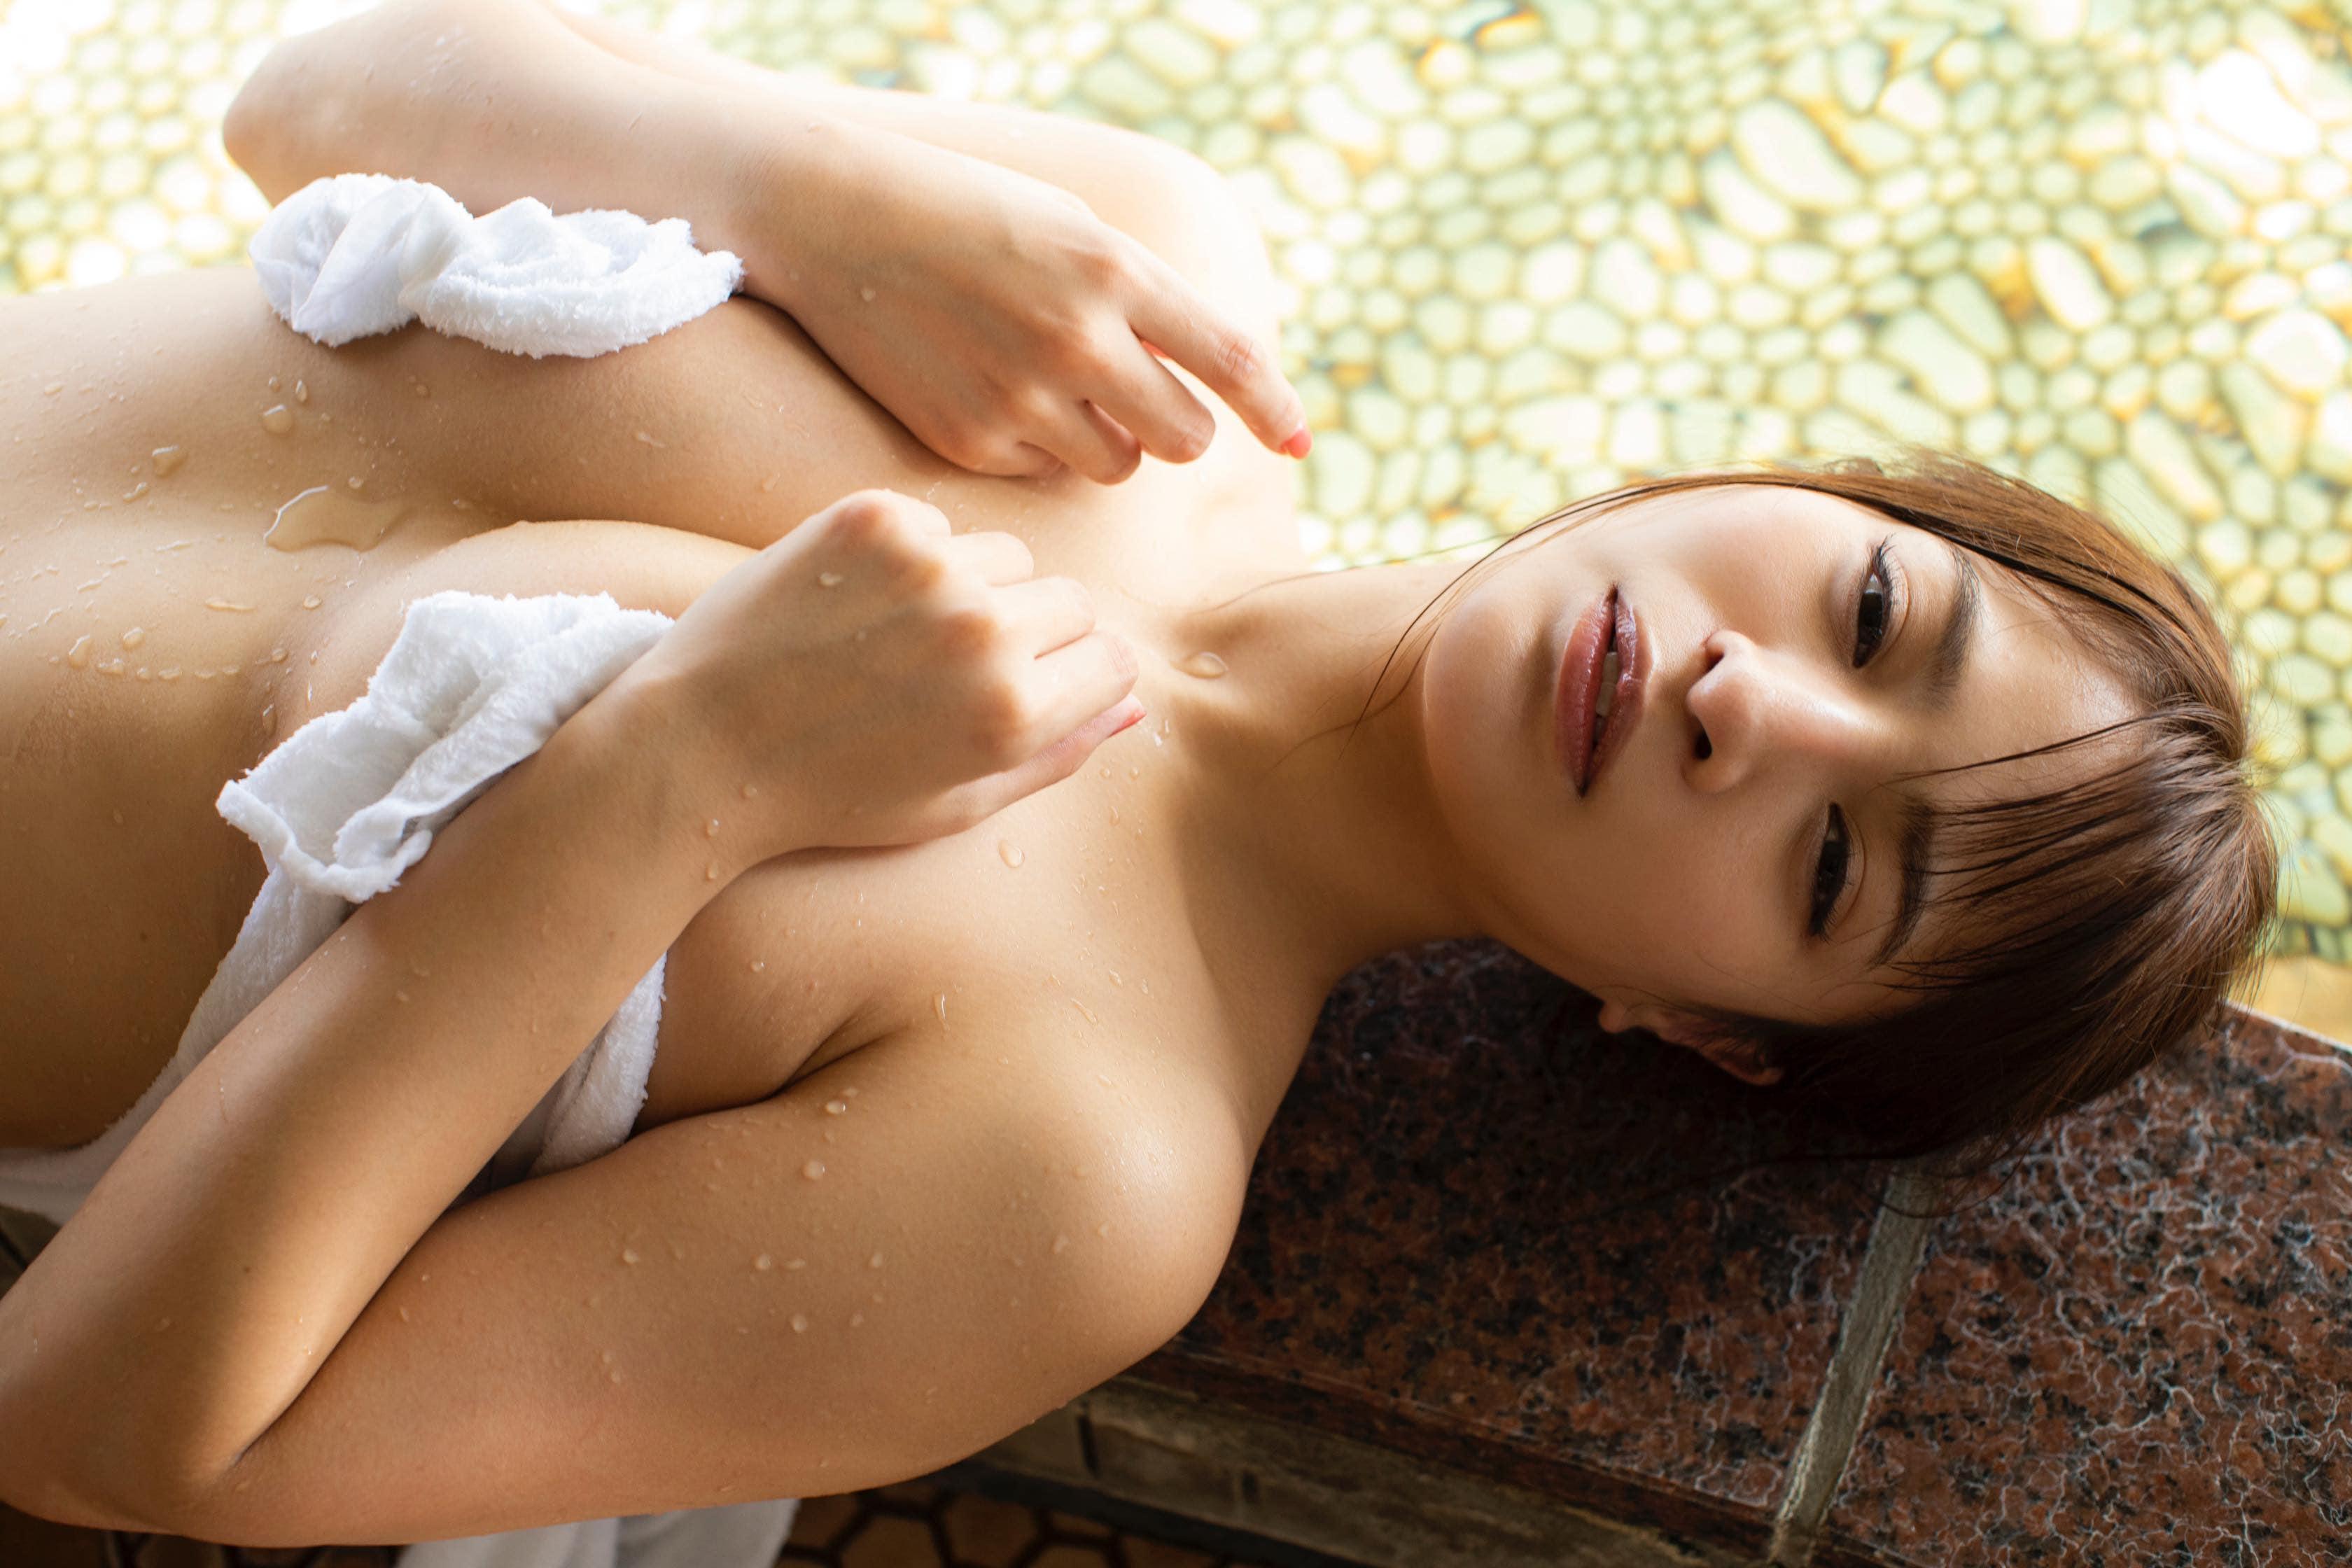 春菜めぐみ「浴衣をはだけて…」豊満ボディで誘惑!【写真22枚】の画像007